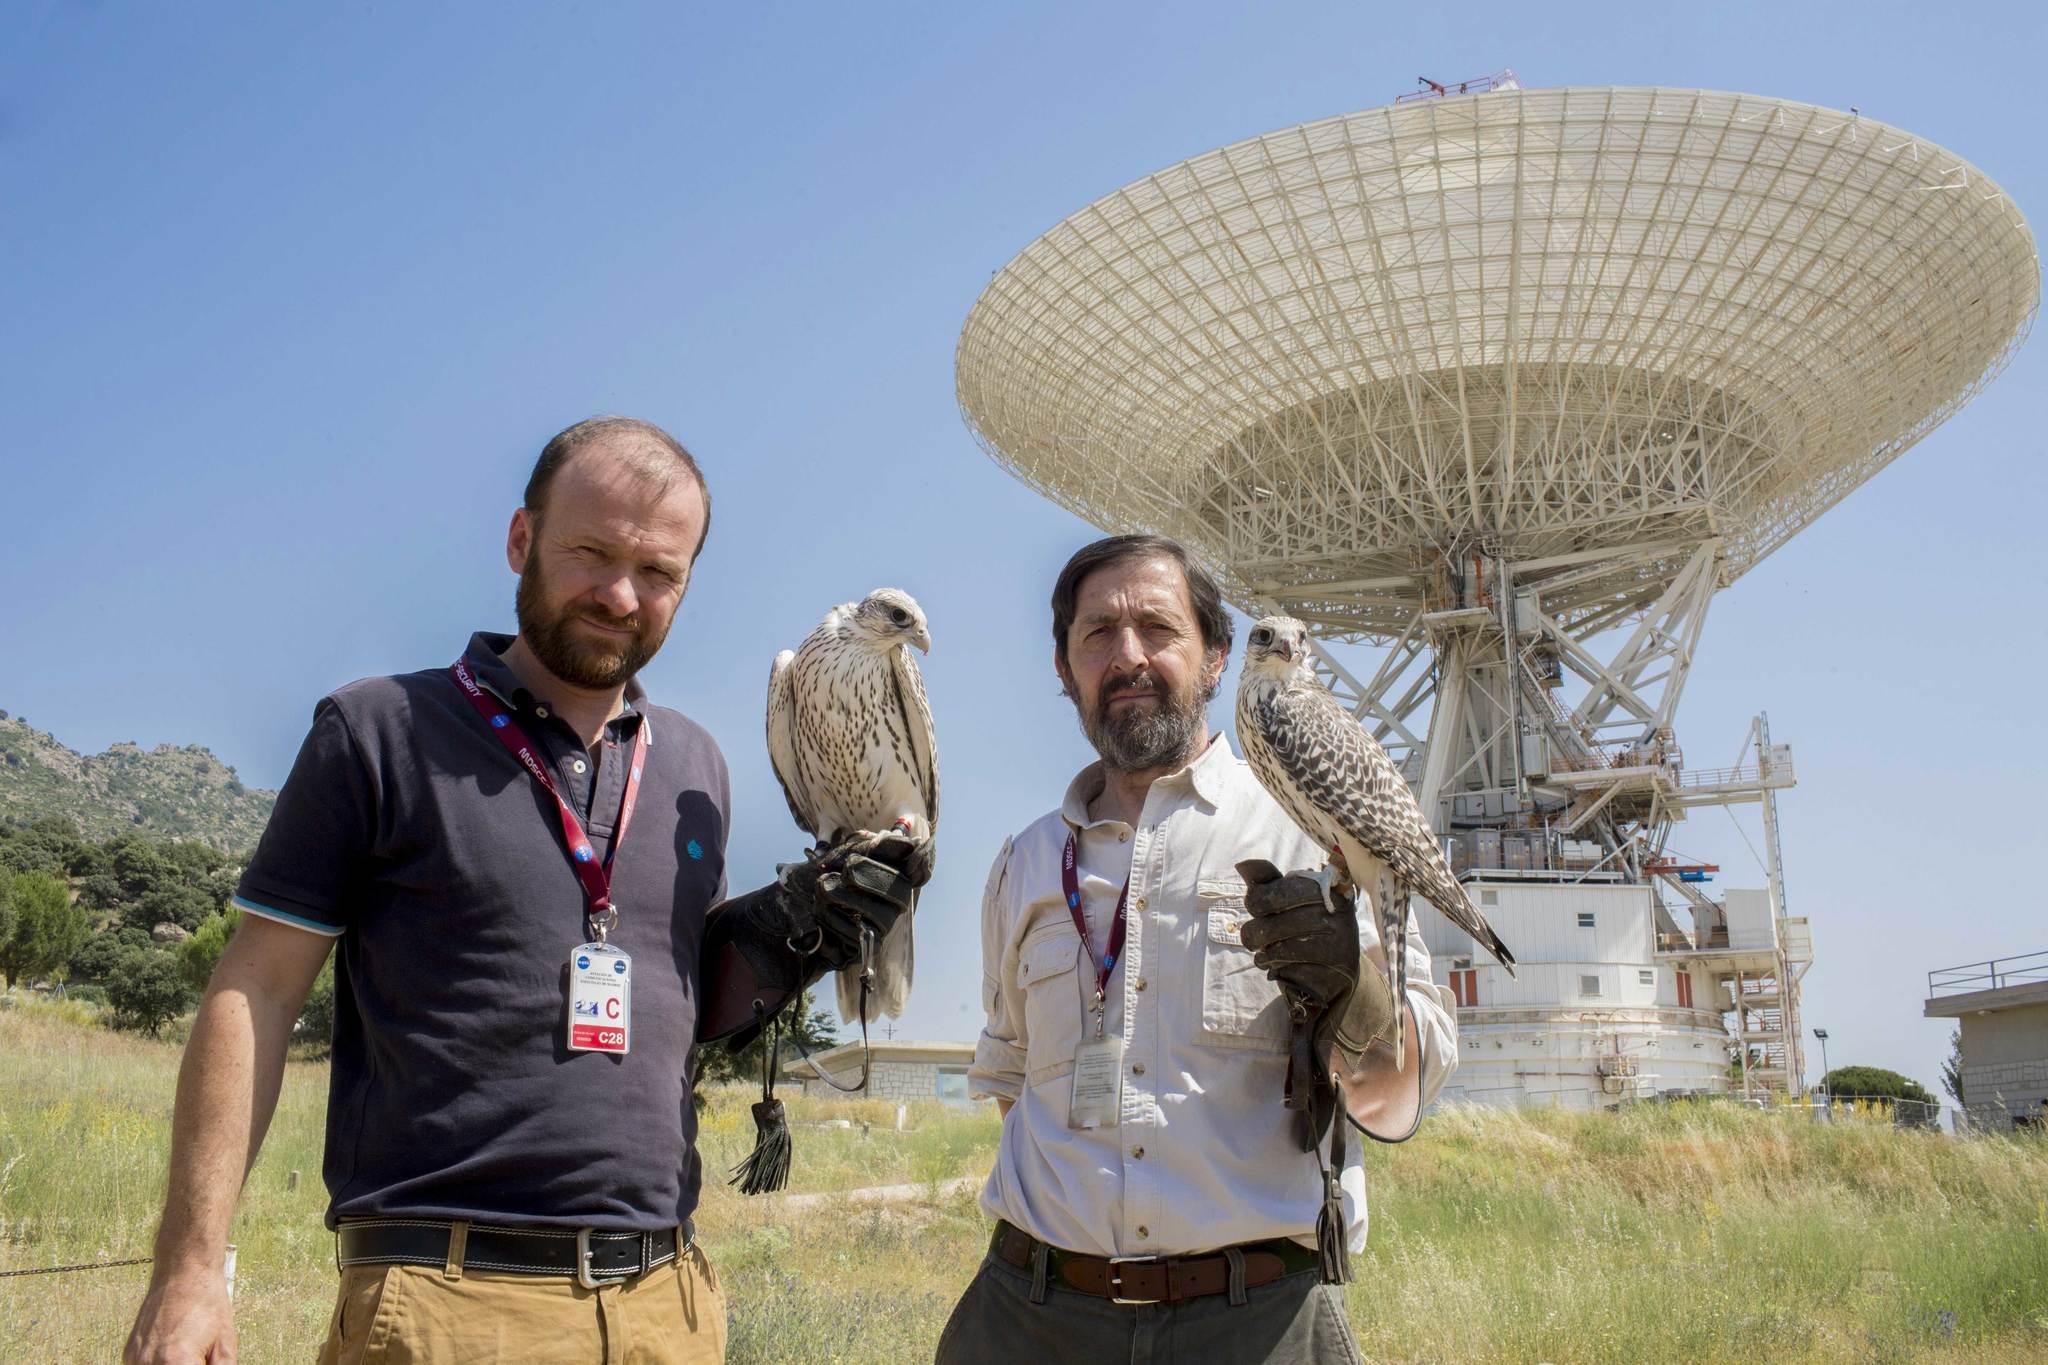 Los excrementos de aves pueden obstruir las comunicaciones con las